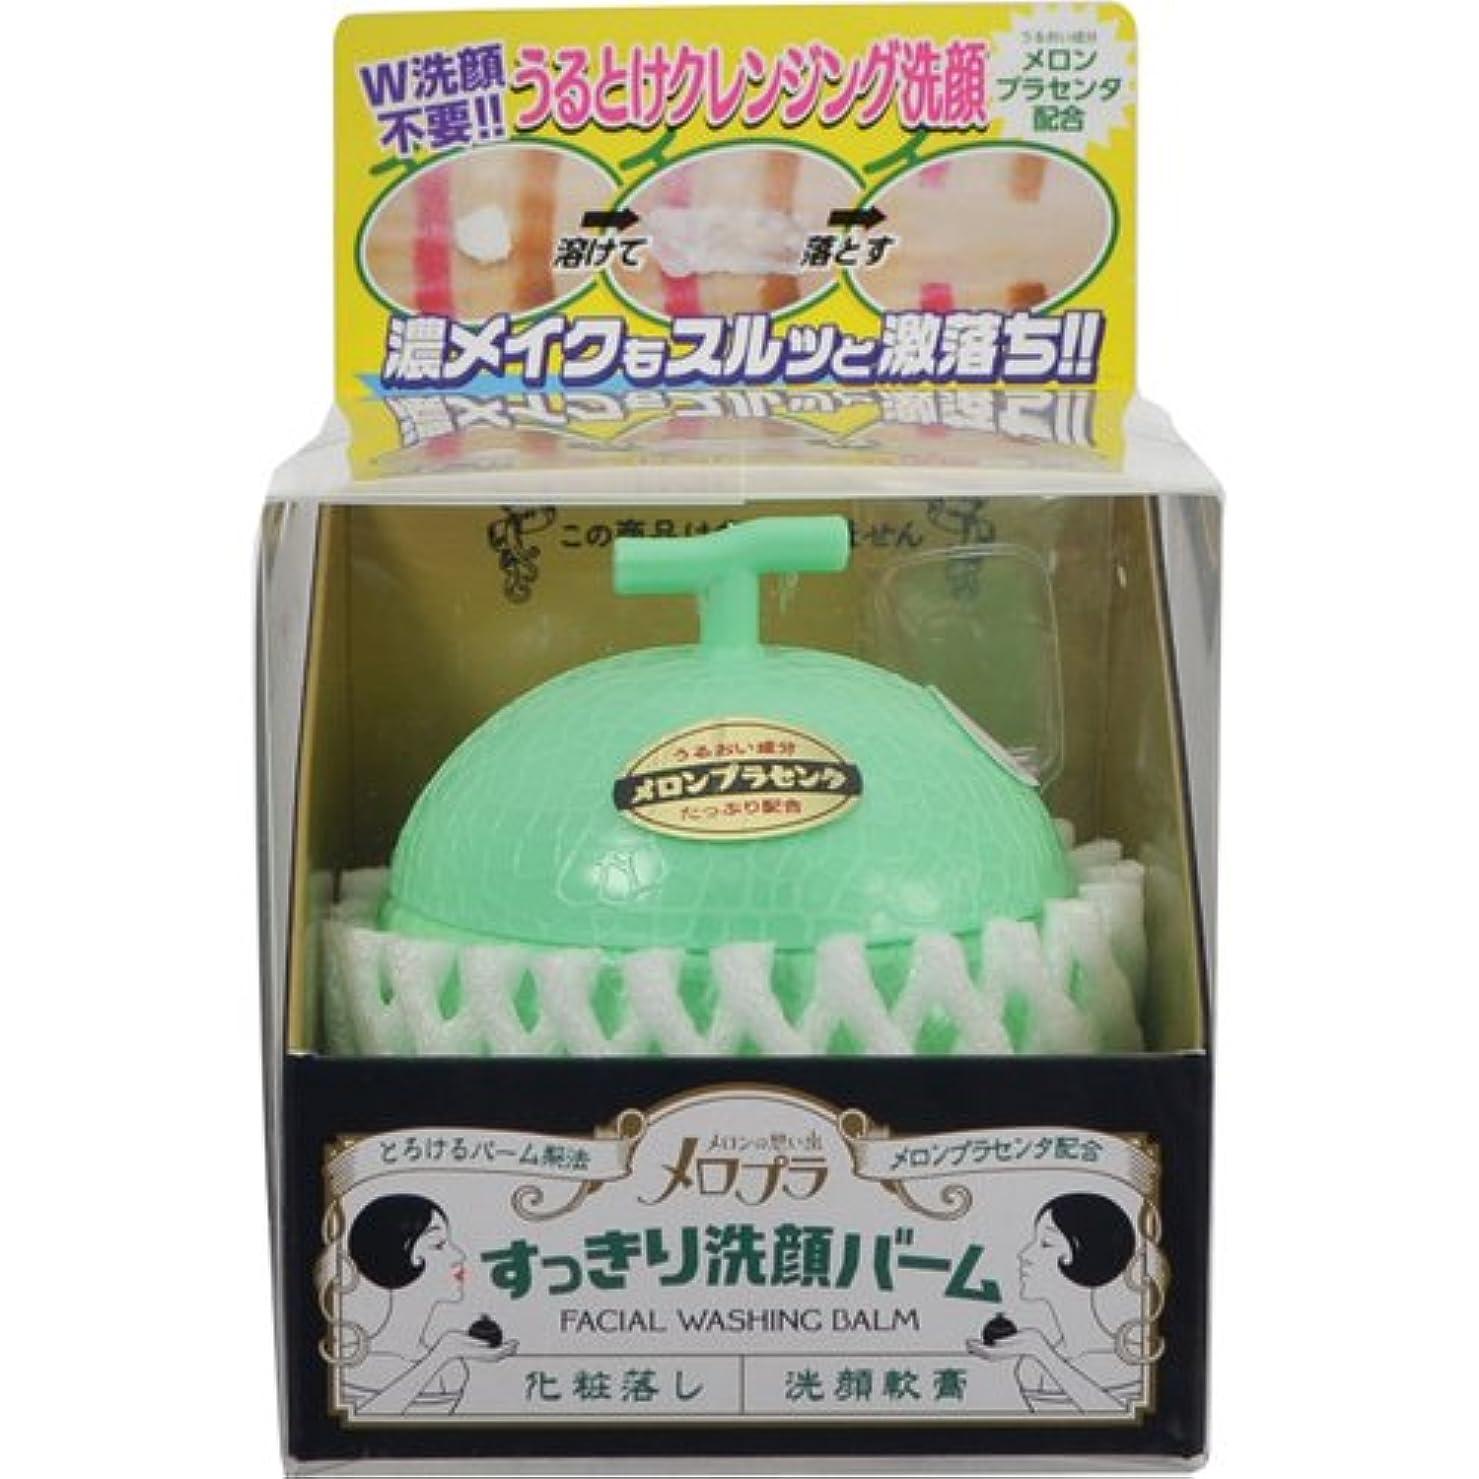 器具のスコア振り子メロプラ すっきり洗顔バーム 100g